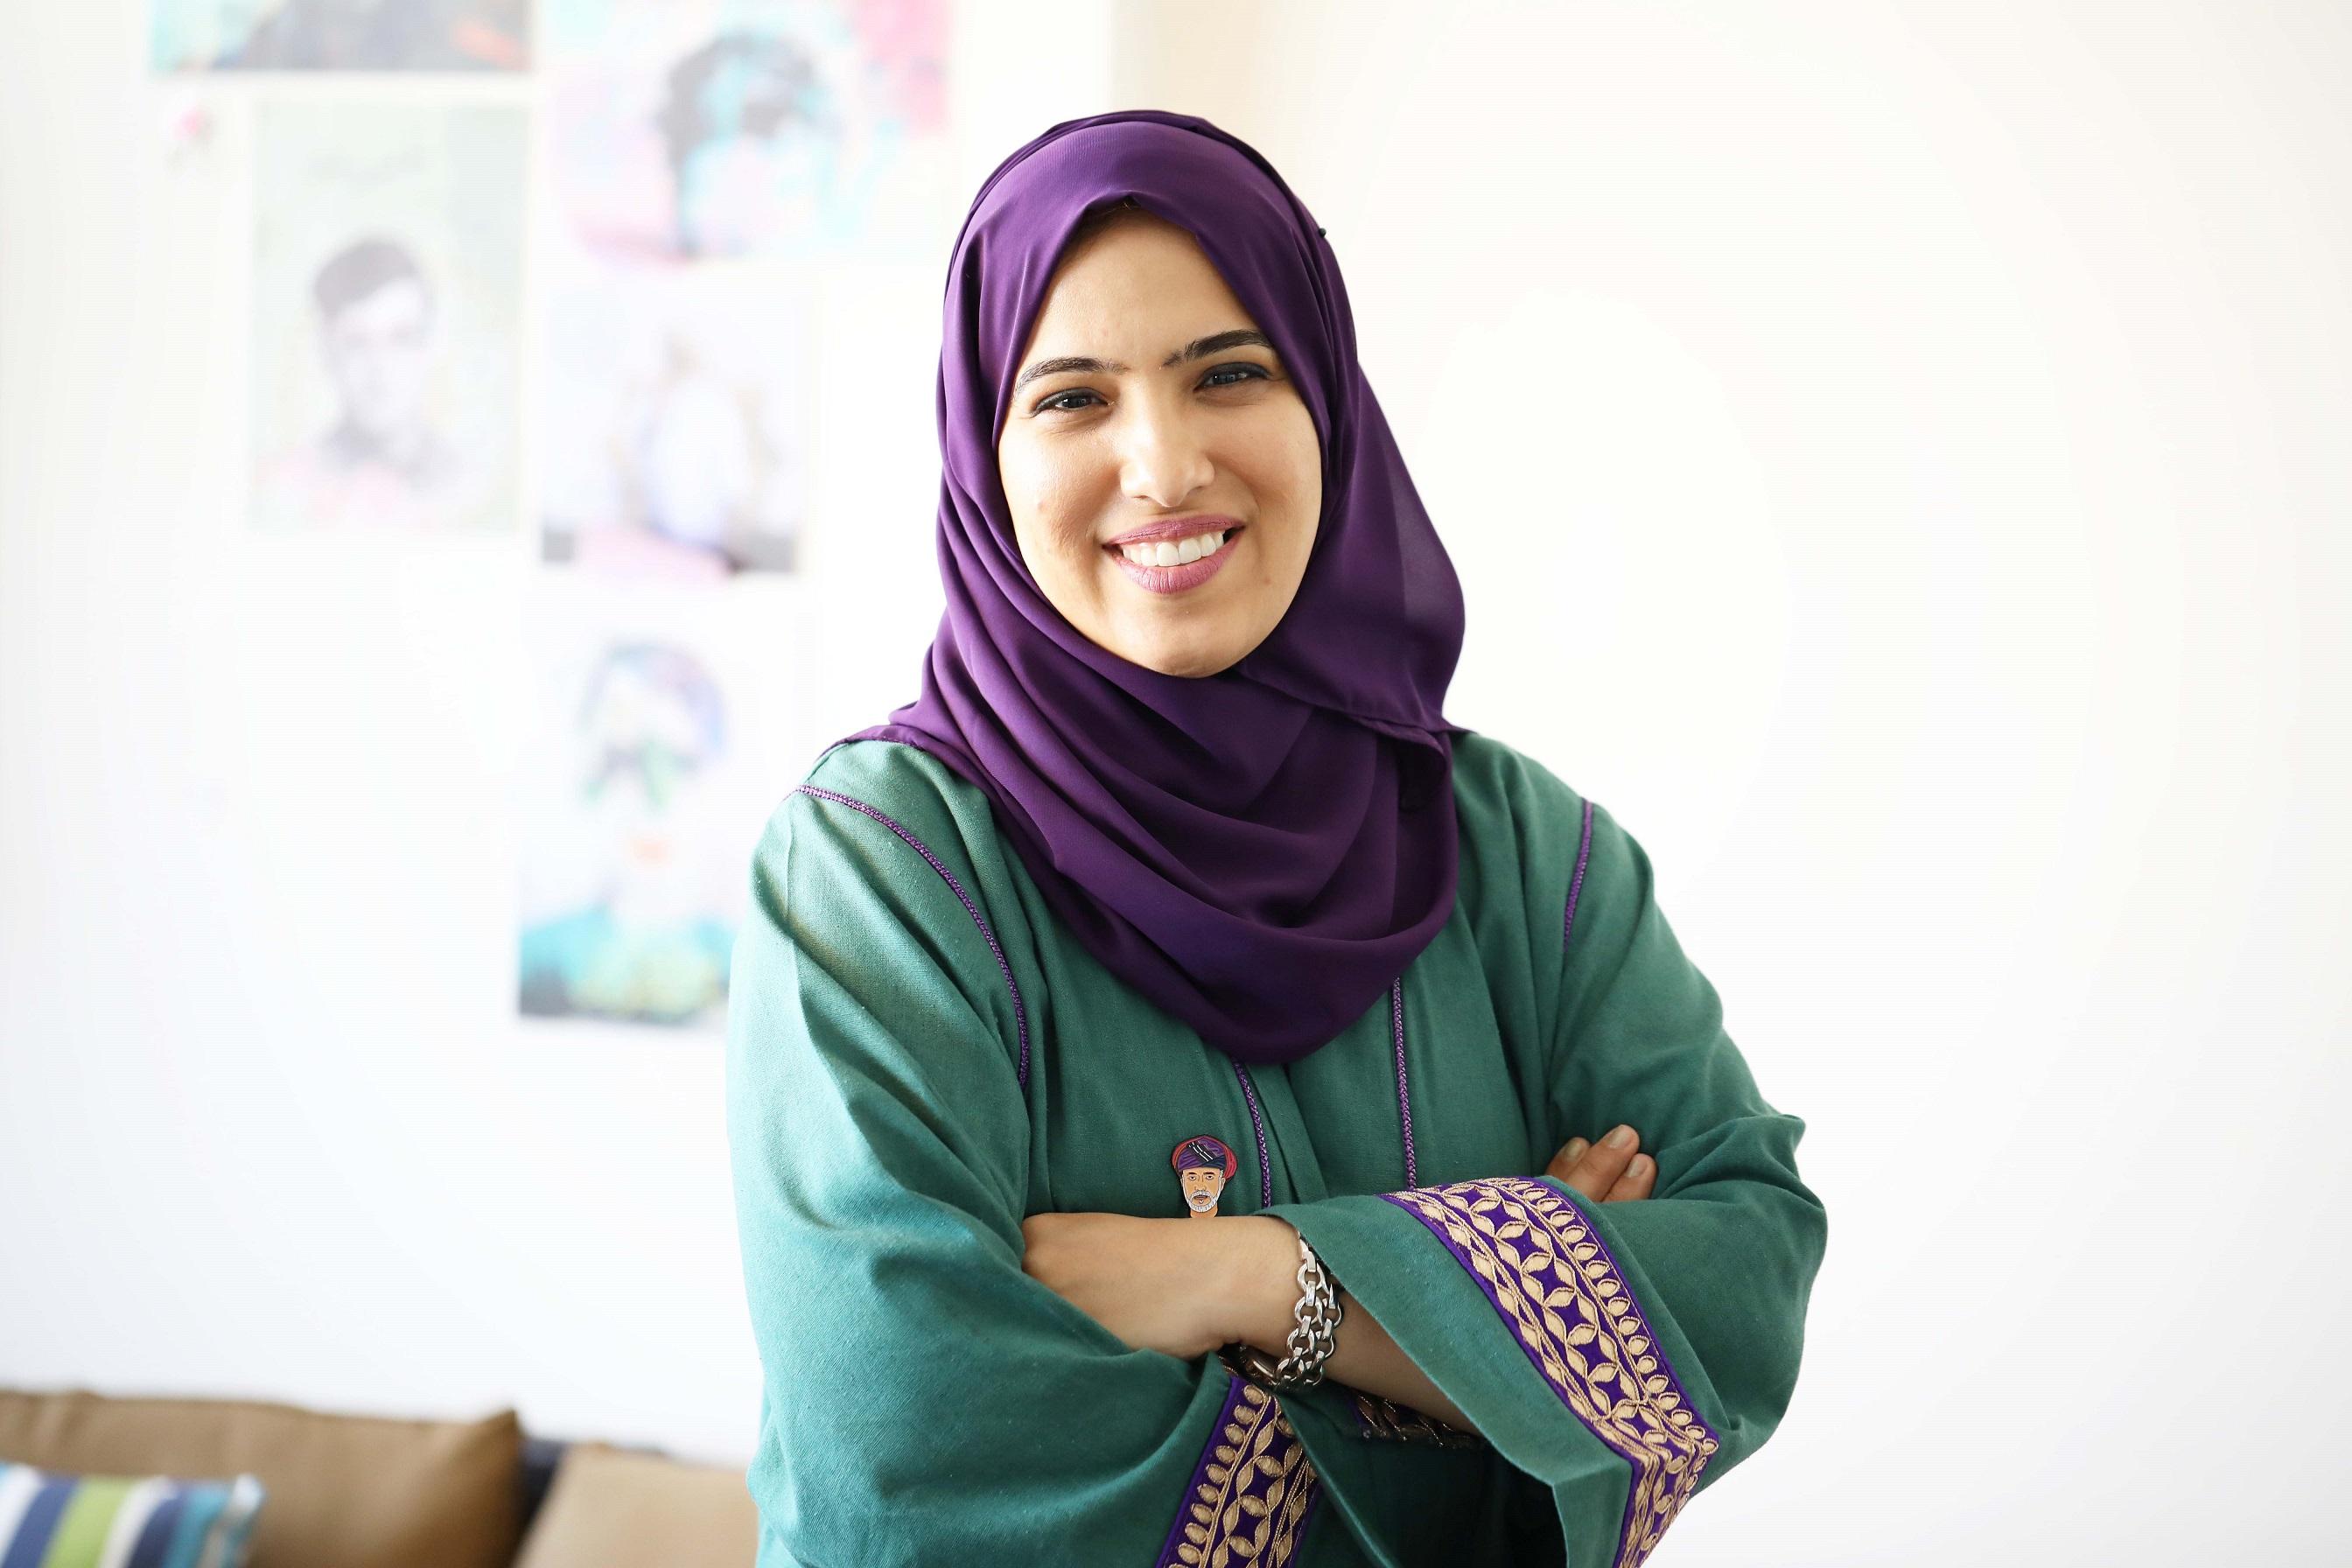 Maryam033